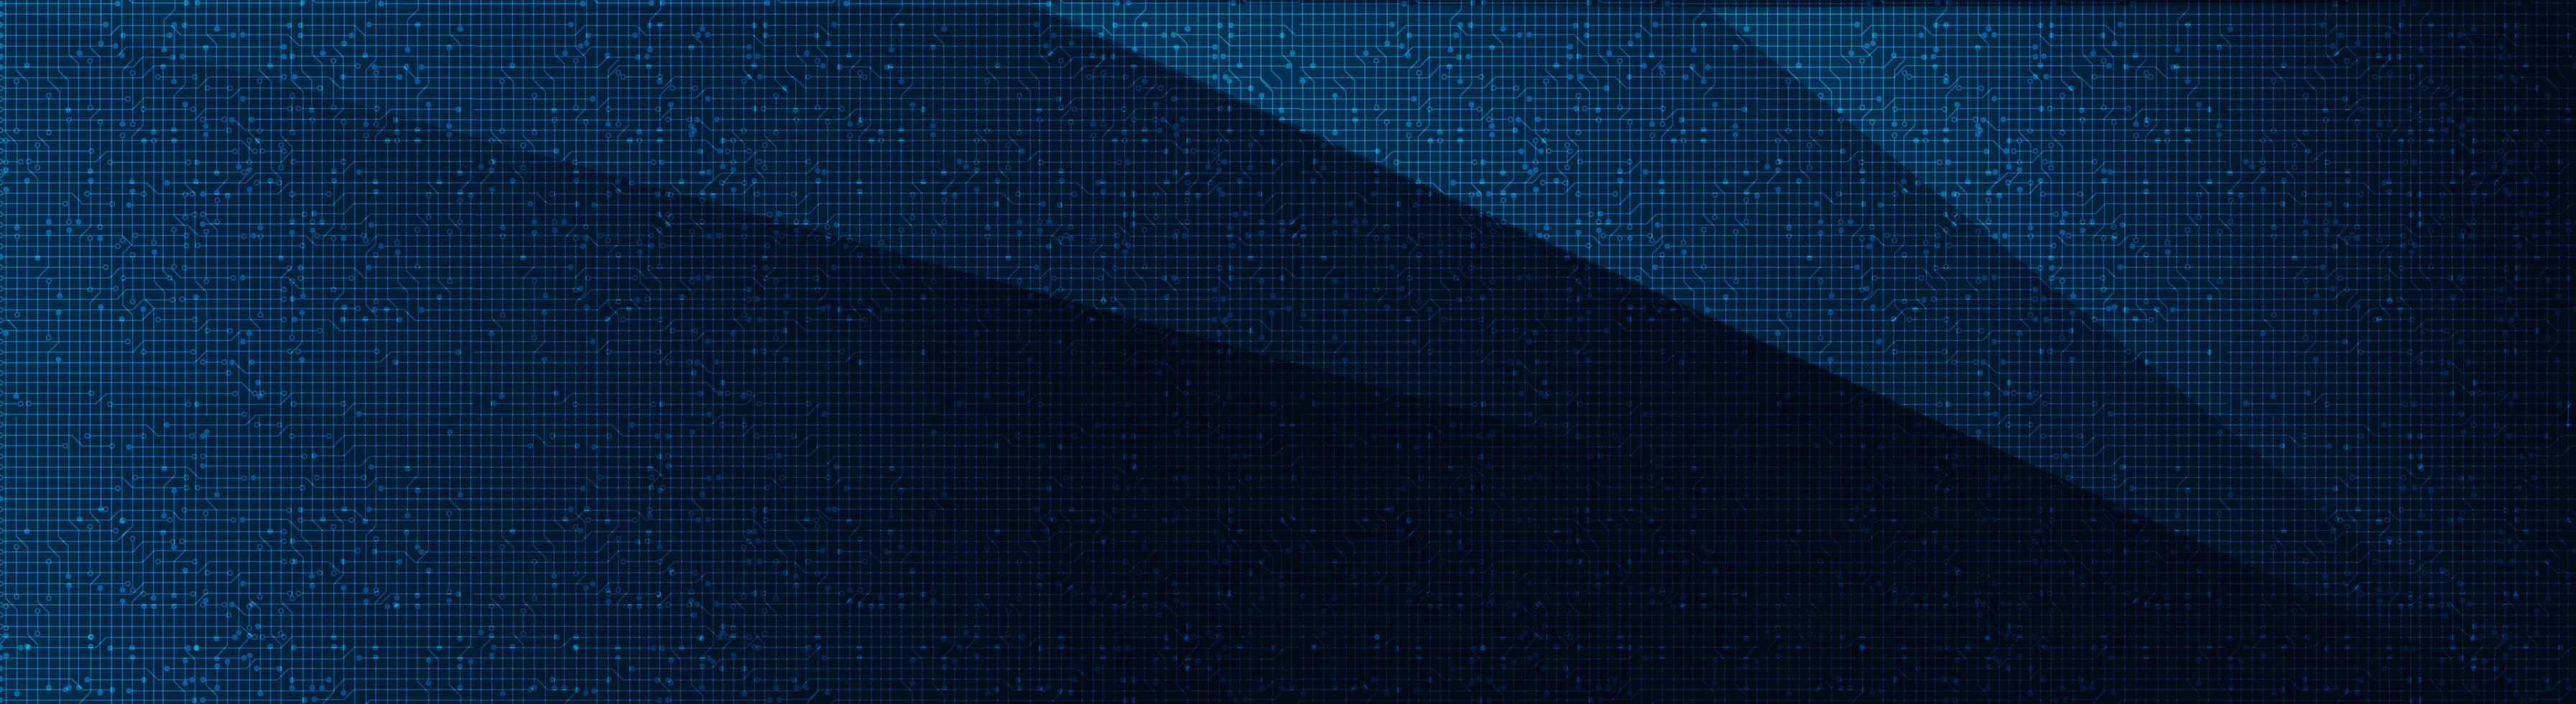 Microchip de circuito azul oscuro sobre fondo de tecnología, diseño de concepto digital y de seguridad de alta tecnología vector